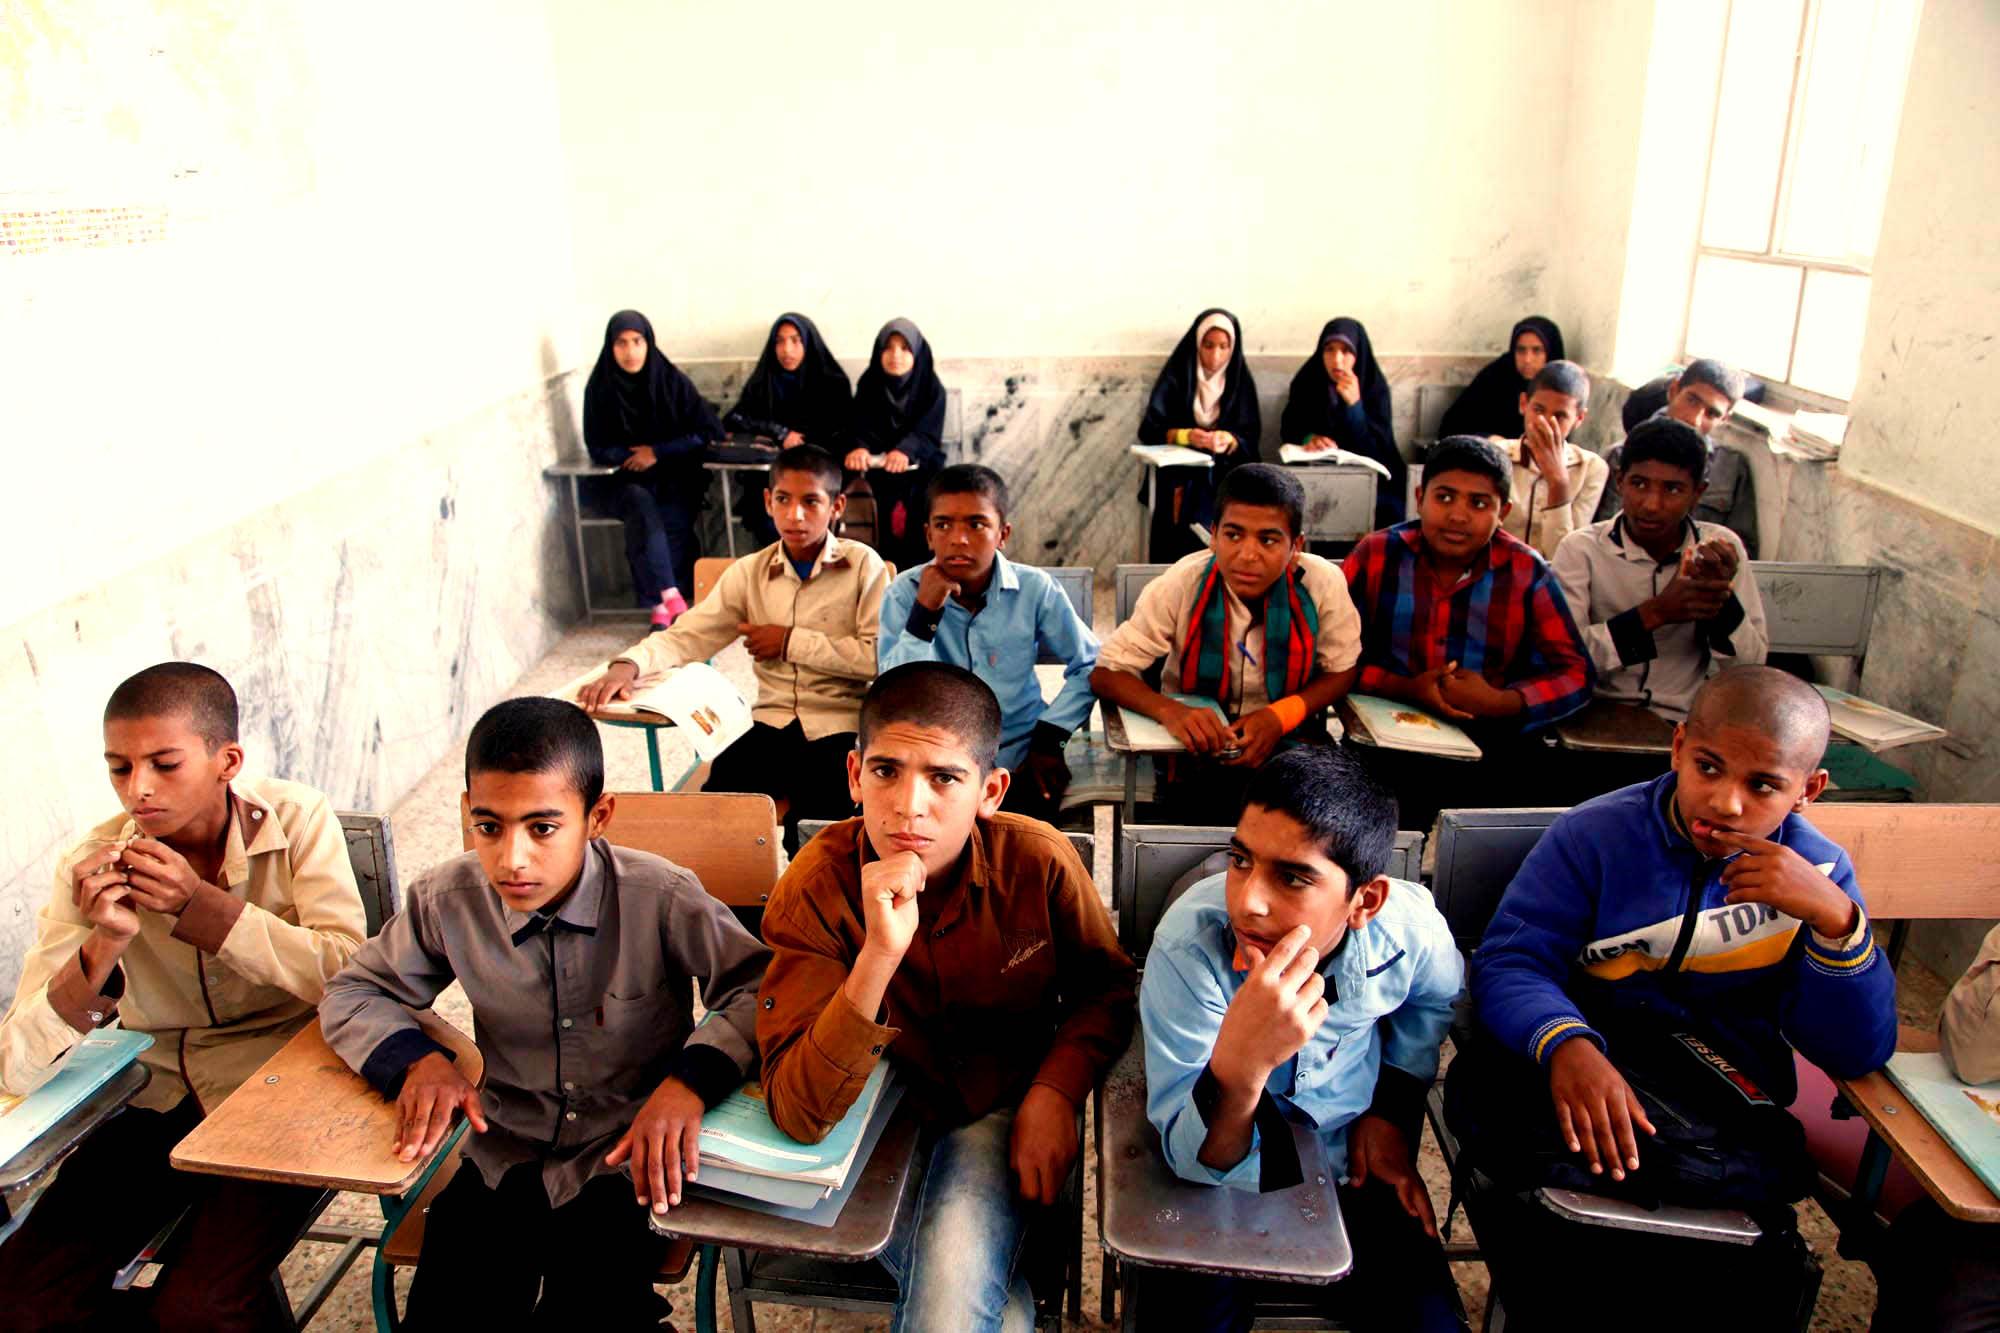 مدارس جنوب کرمان بخاری ندارند/ سیلی سرد زمستان برصورت دانشآموزان